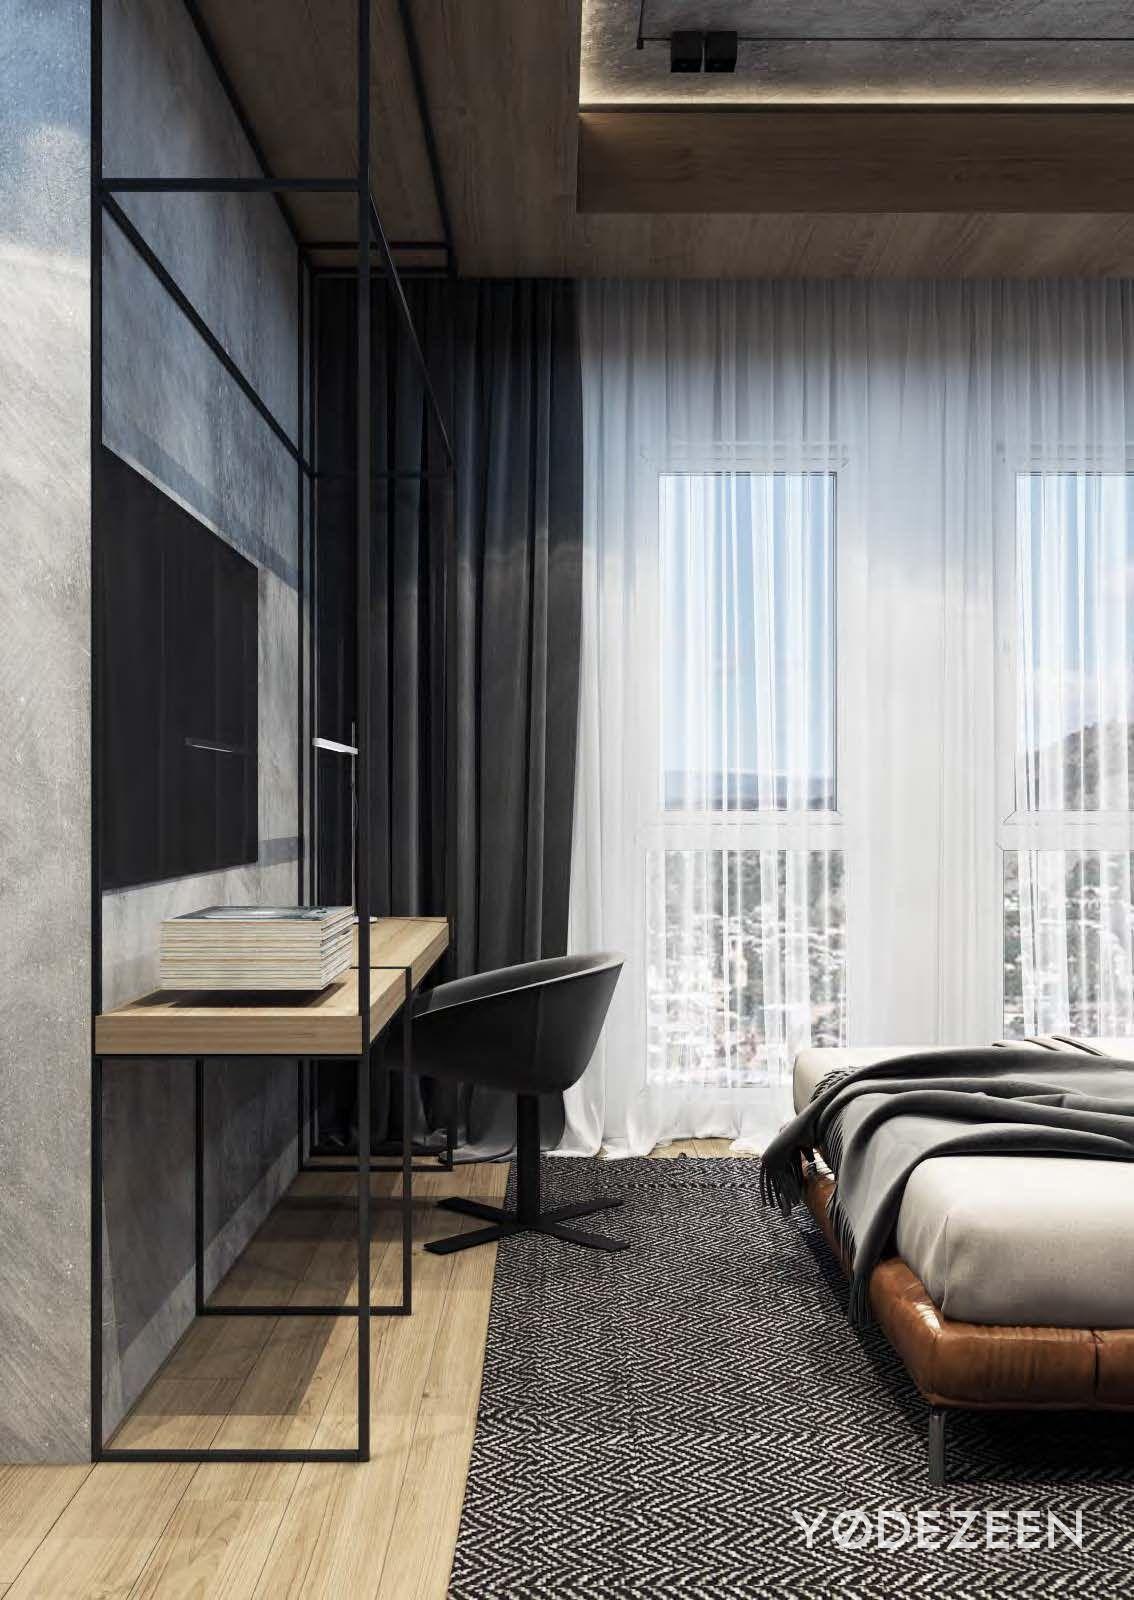 Hotel Room Ideas: 2a Mekhanizatoriv Street Kyiv, Ukraine Tel. +380688303675